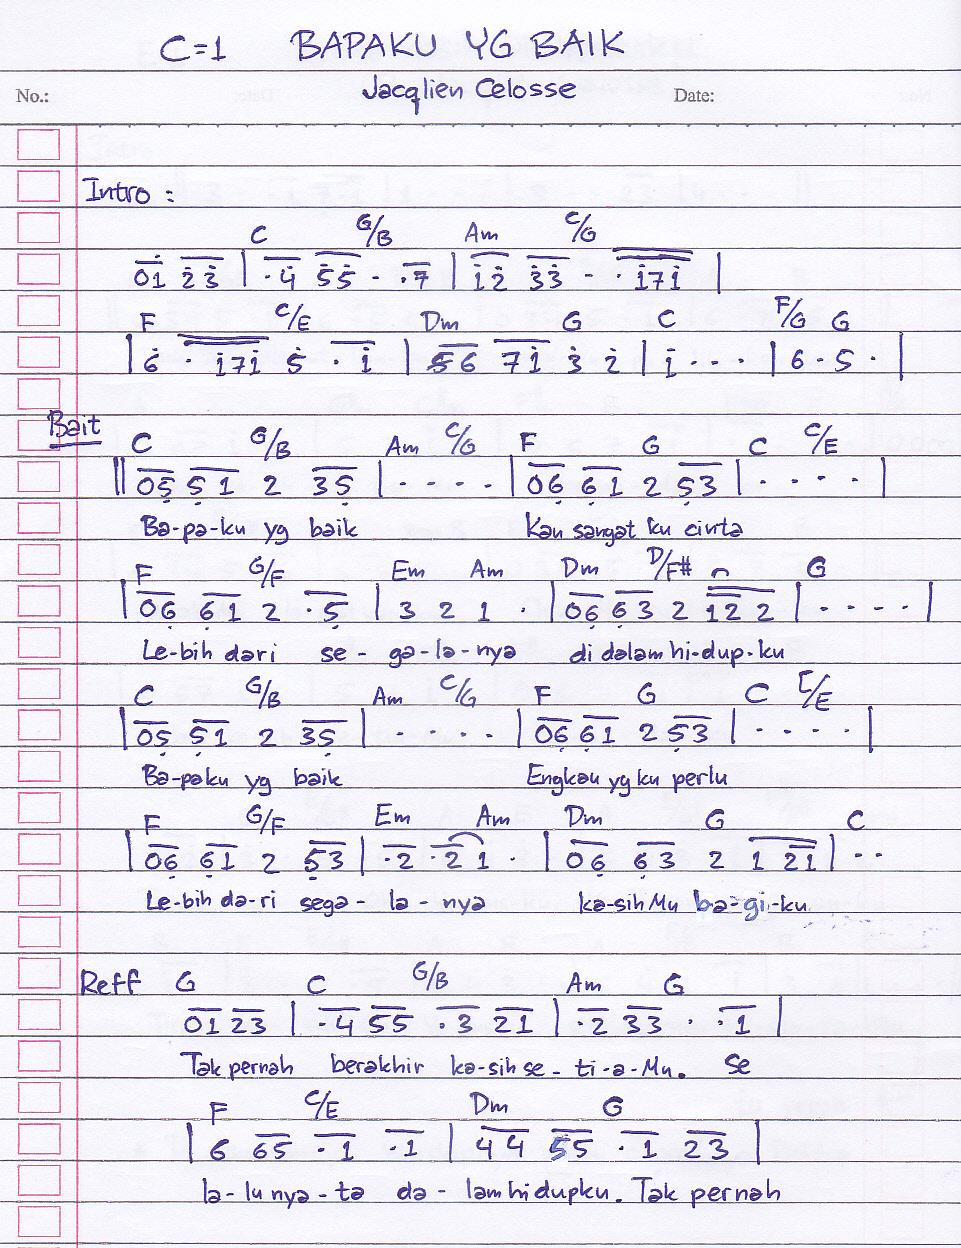 Lirik Lagu Bapaku Yang Baik - Jacqlien Celosse - Worshipedia